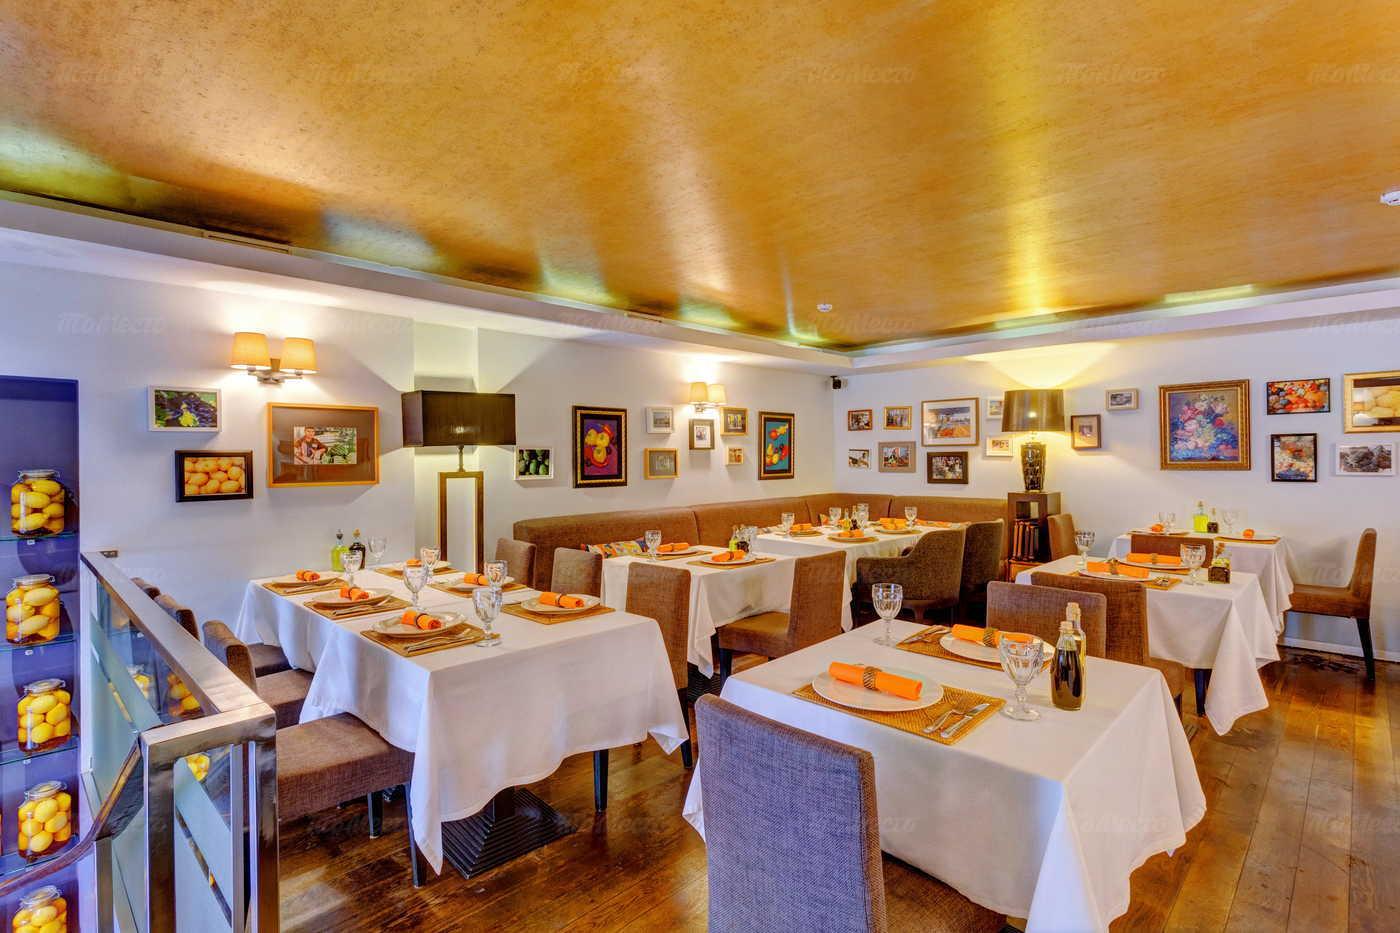 Ресторан Барашка (Бараshка) на Петровке фото 14